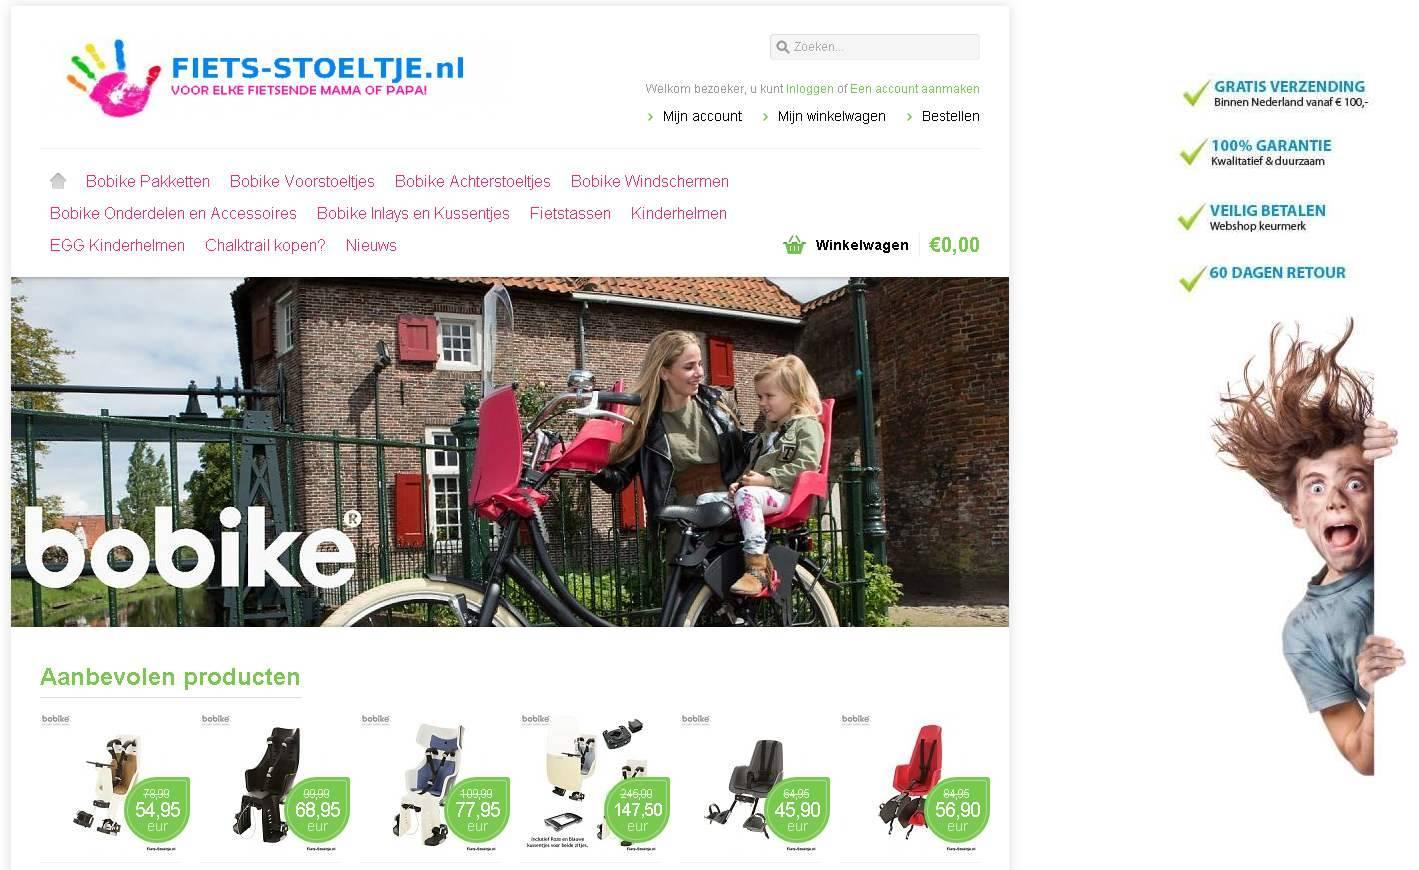 Fiets-Stoeltje.nl is totaal vernieuwd